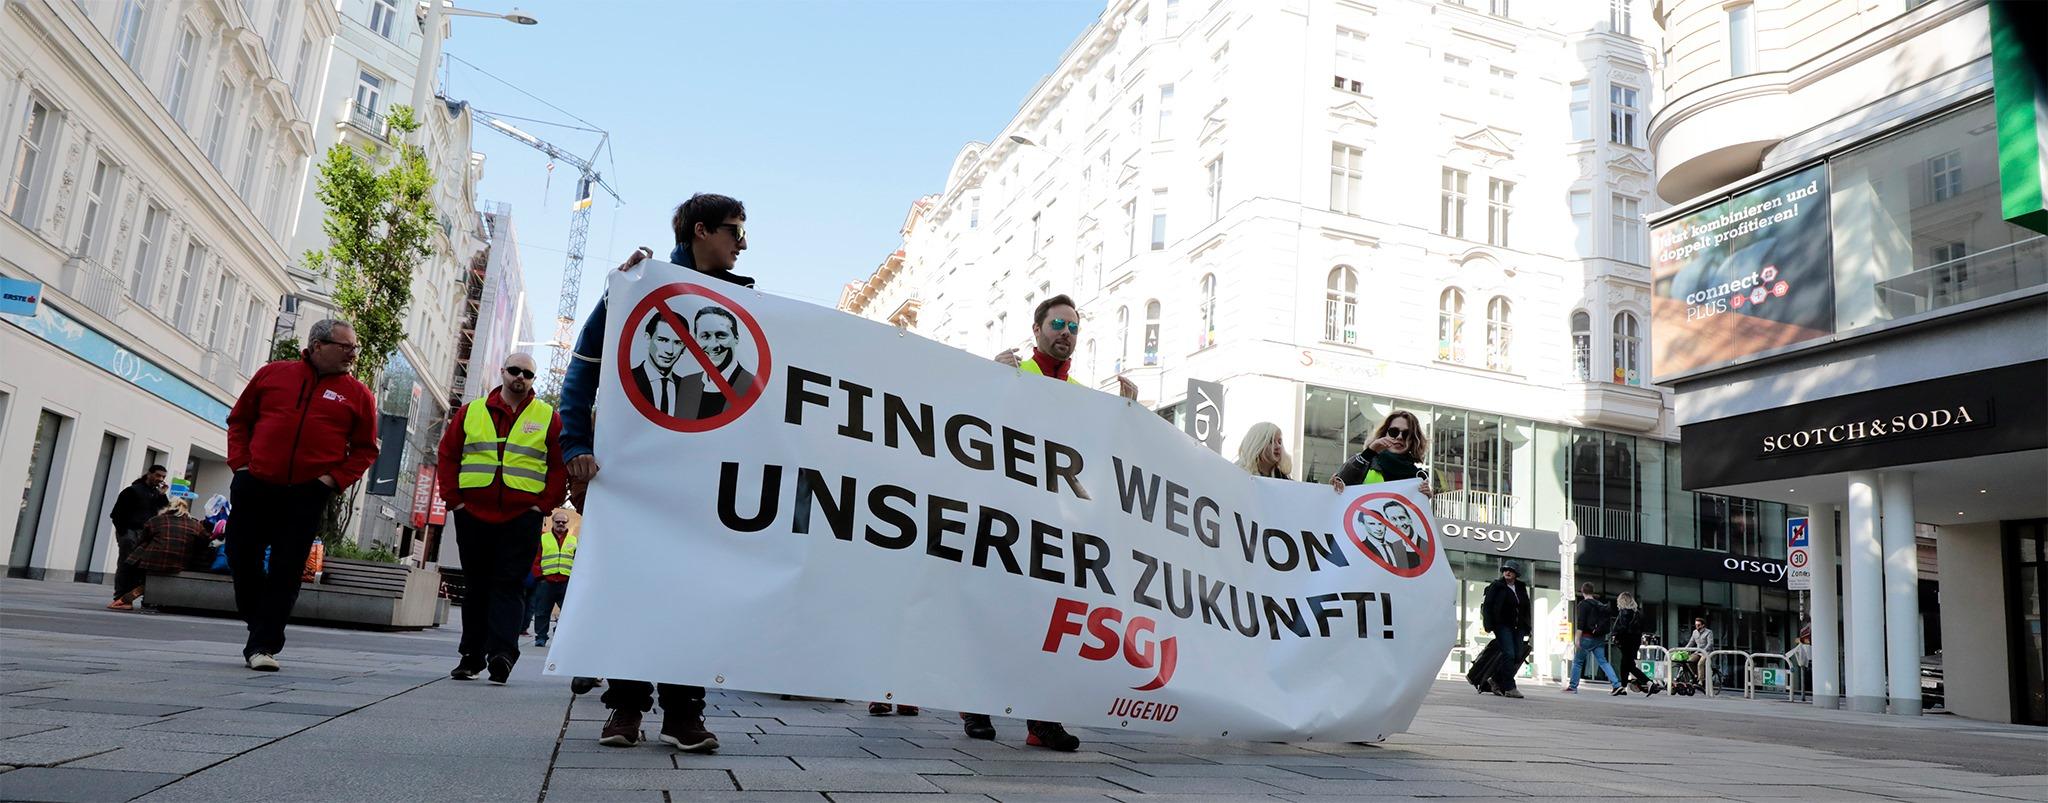 FSG Jugend